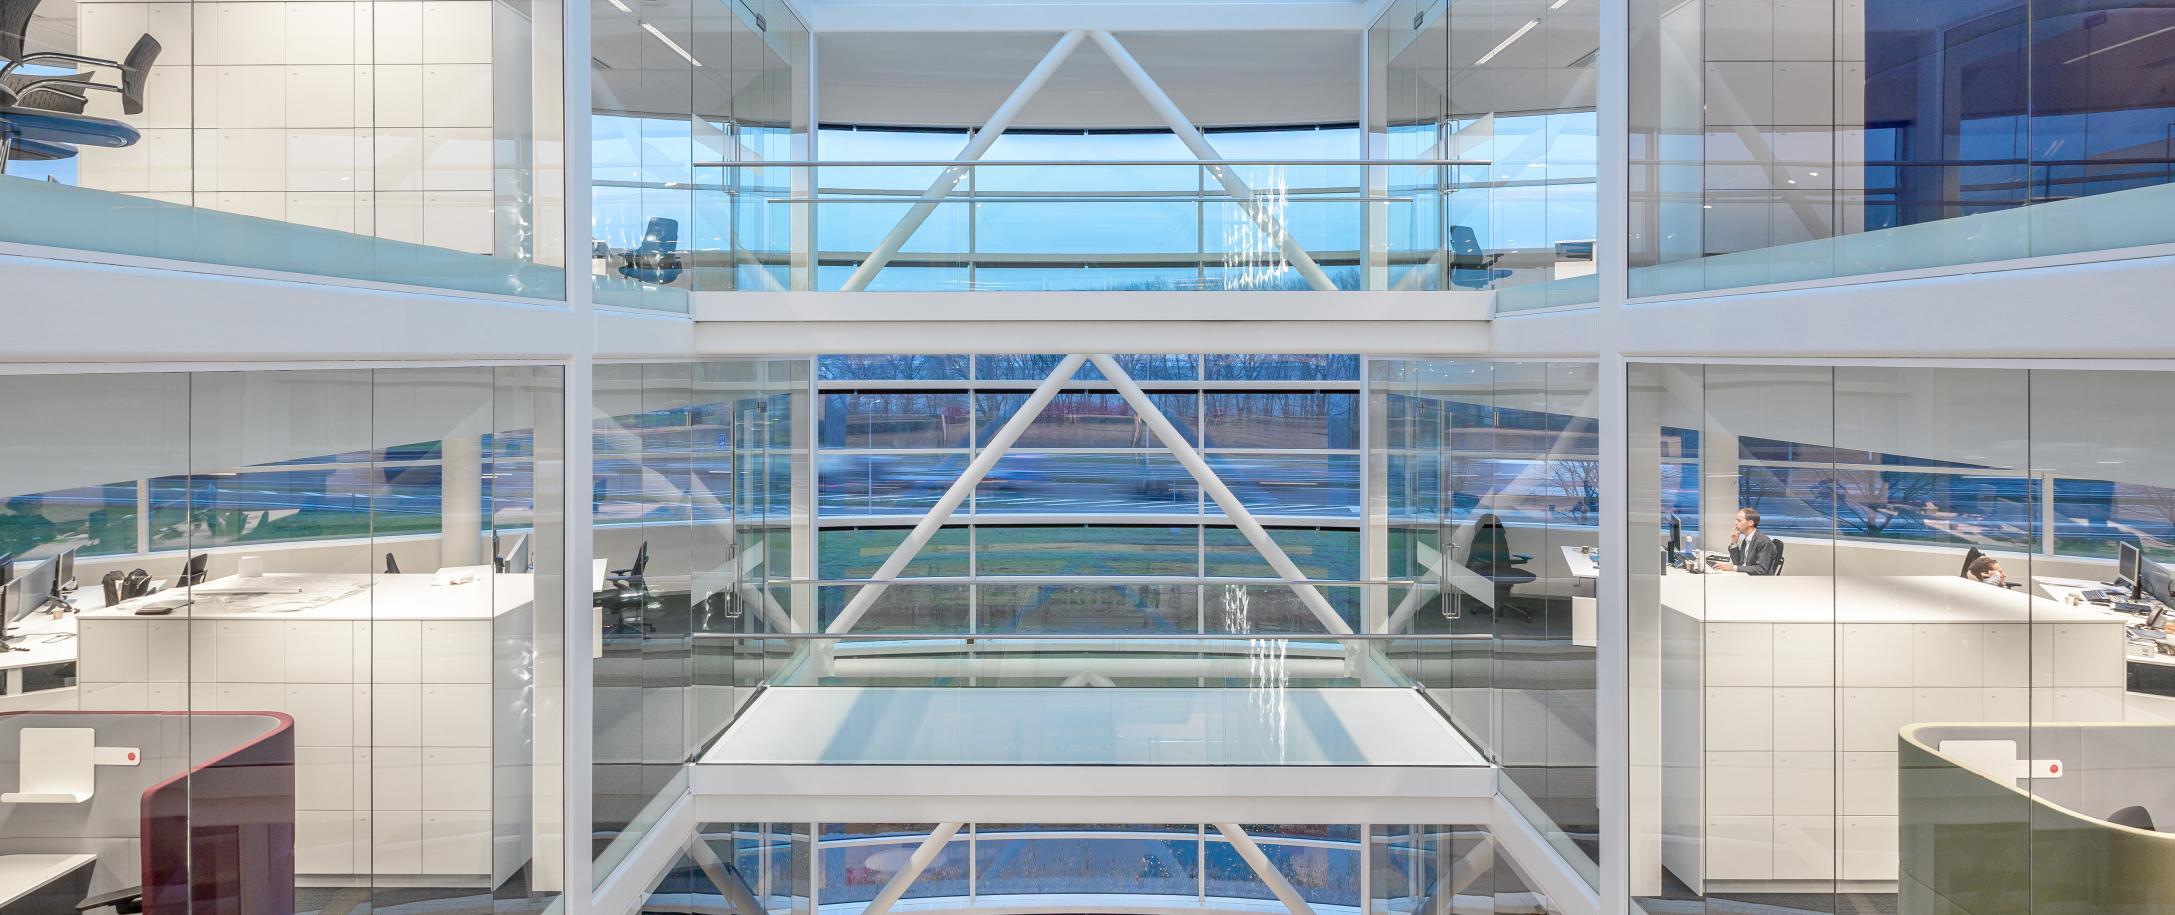 Kantoor 3M Delft